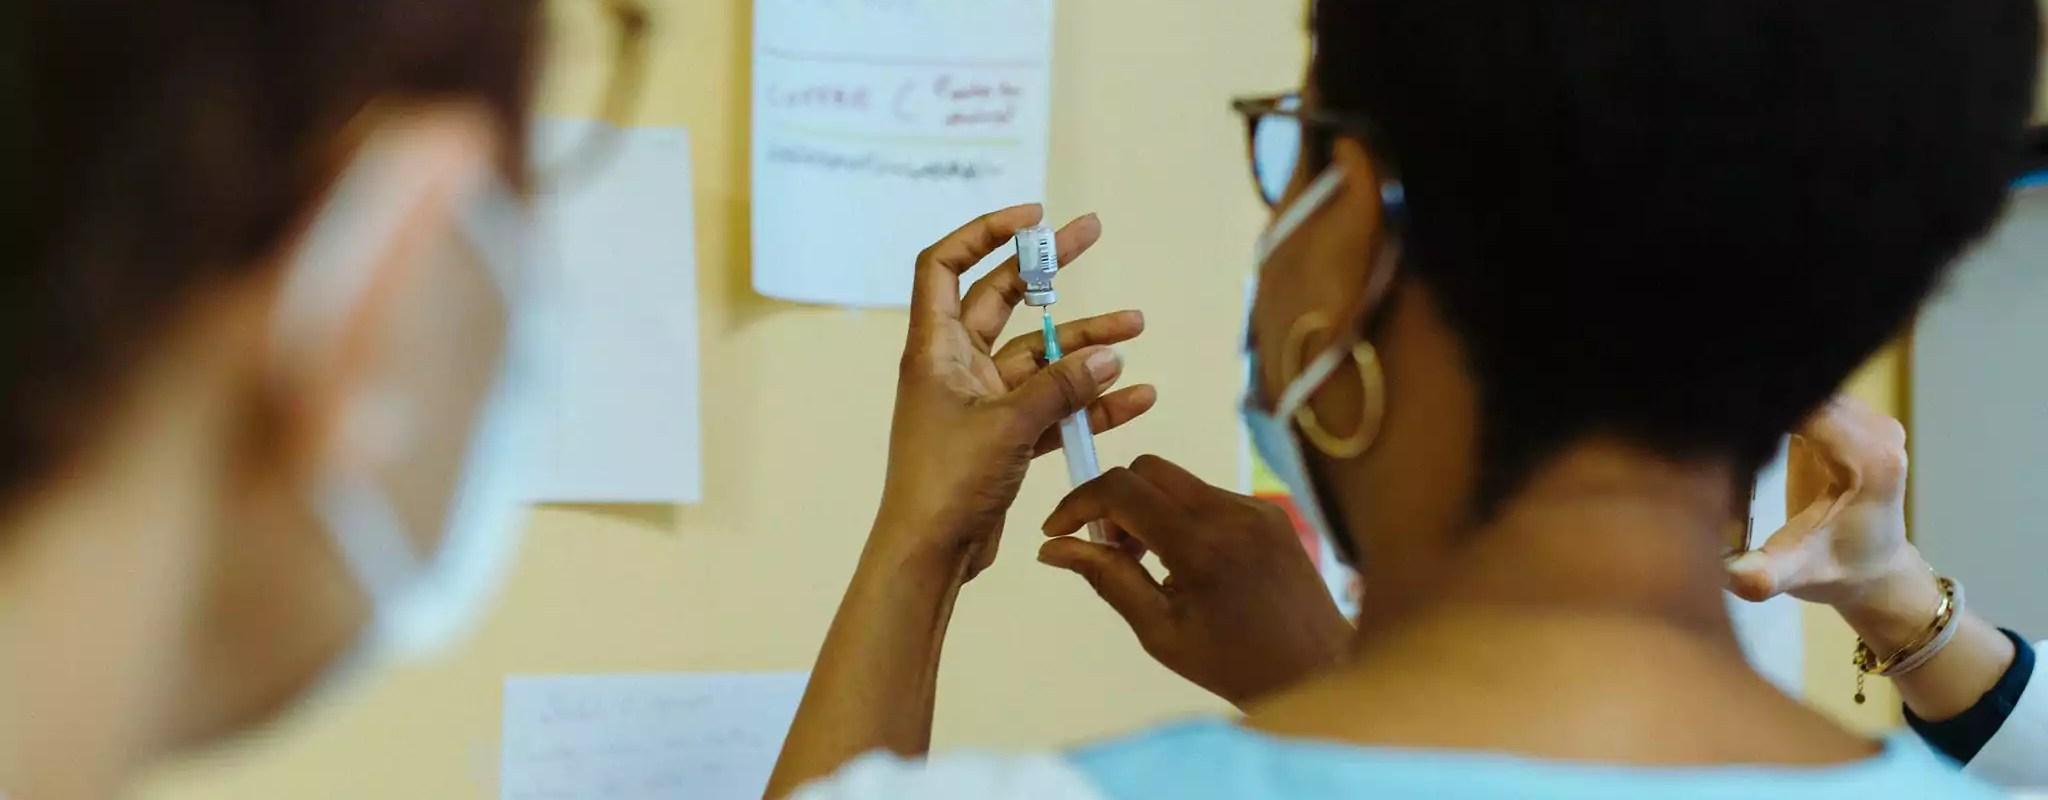 Timide démarrage de la campagne de vaccination contre la Covid-19 à Strasbourg